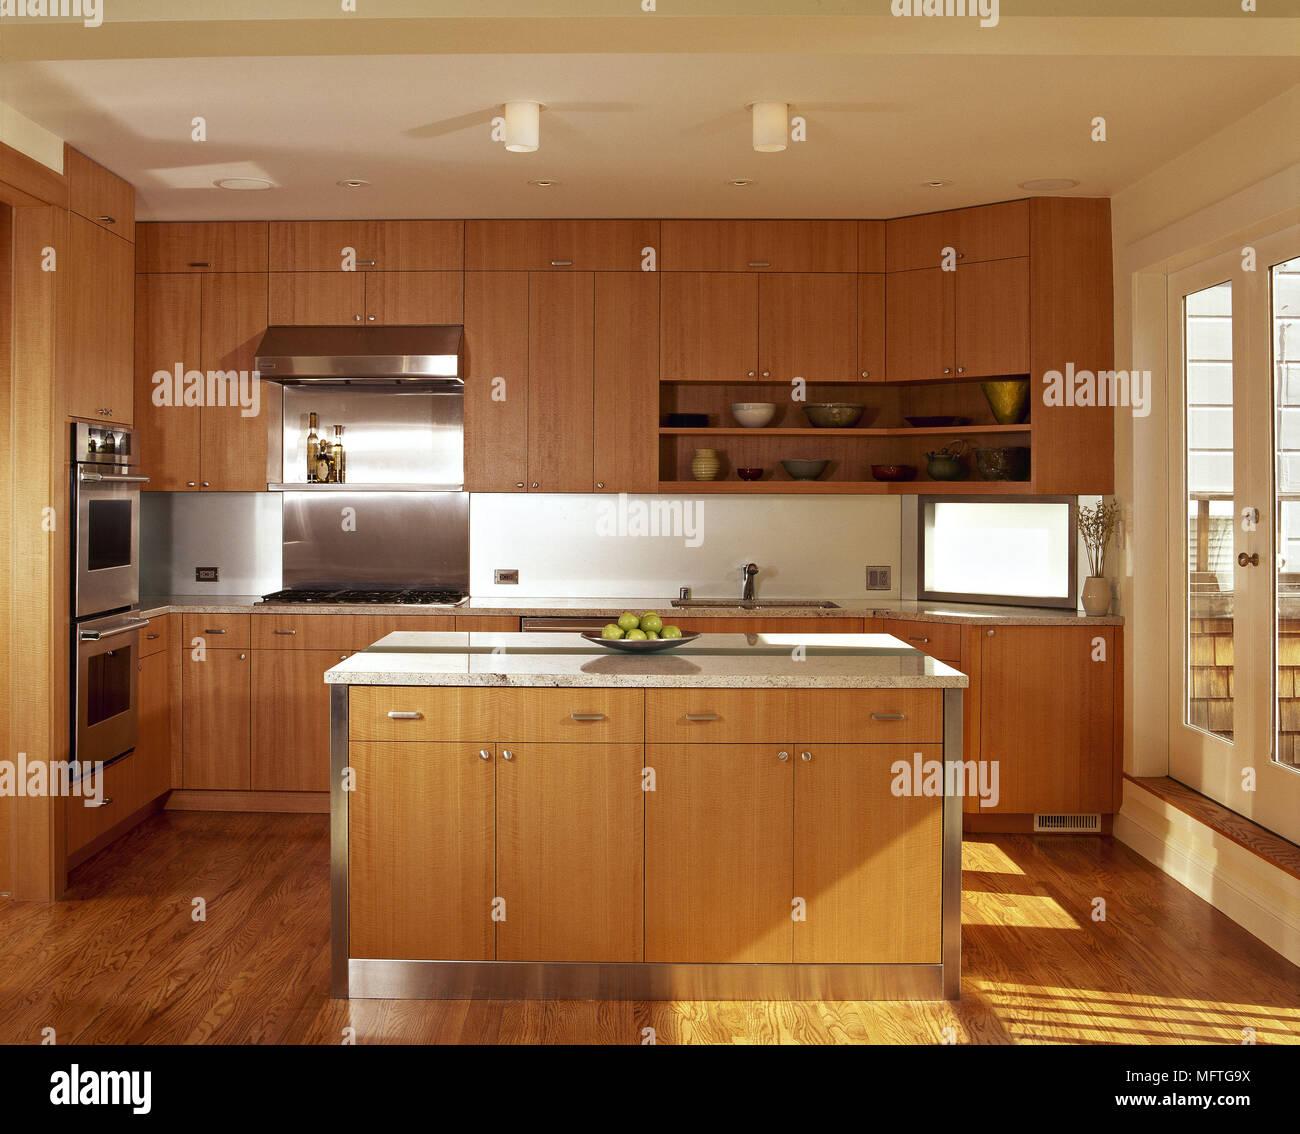 k chen farben eine moderne minimalistische k che zentrale insel einheit holz. Black Bedroom Furniture Sets. Home Design Ideas